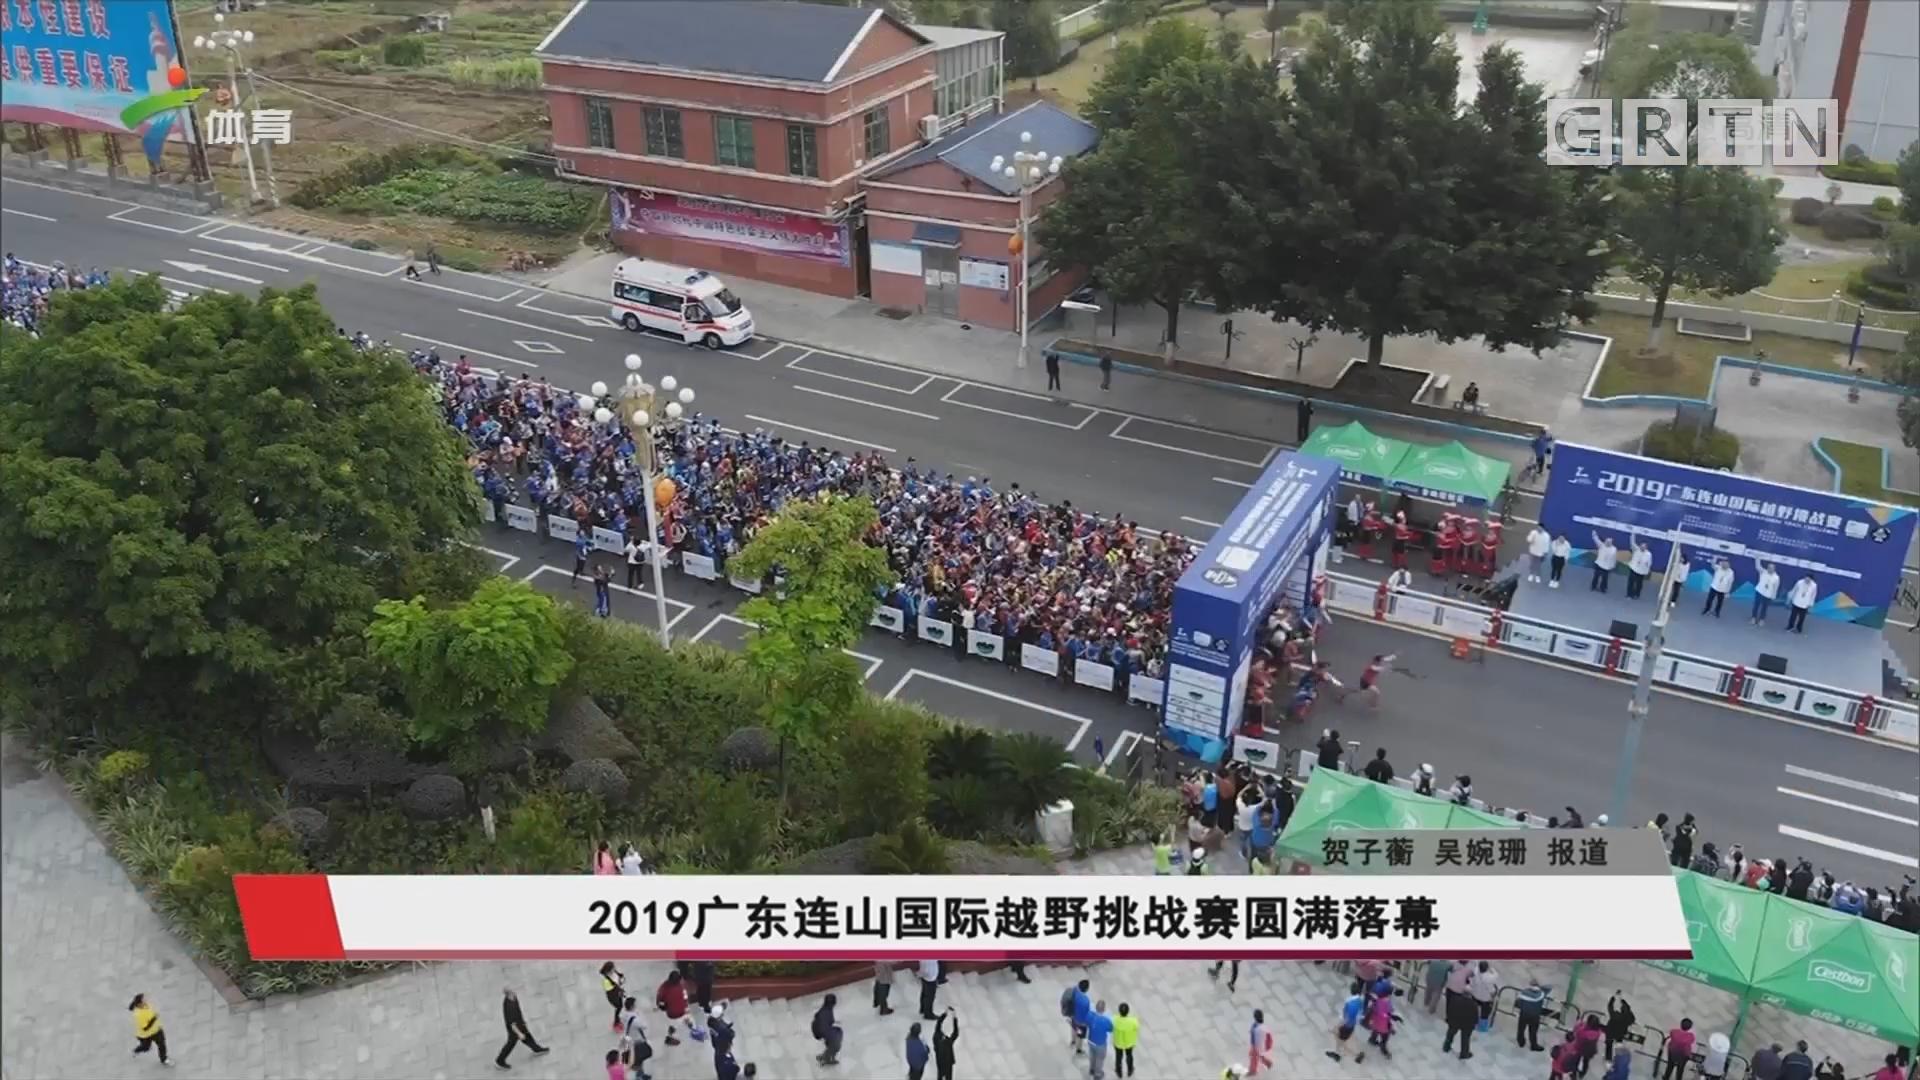 2019广东连山国际越野挑战赛圆满落幕